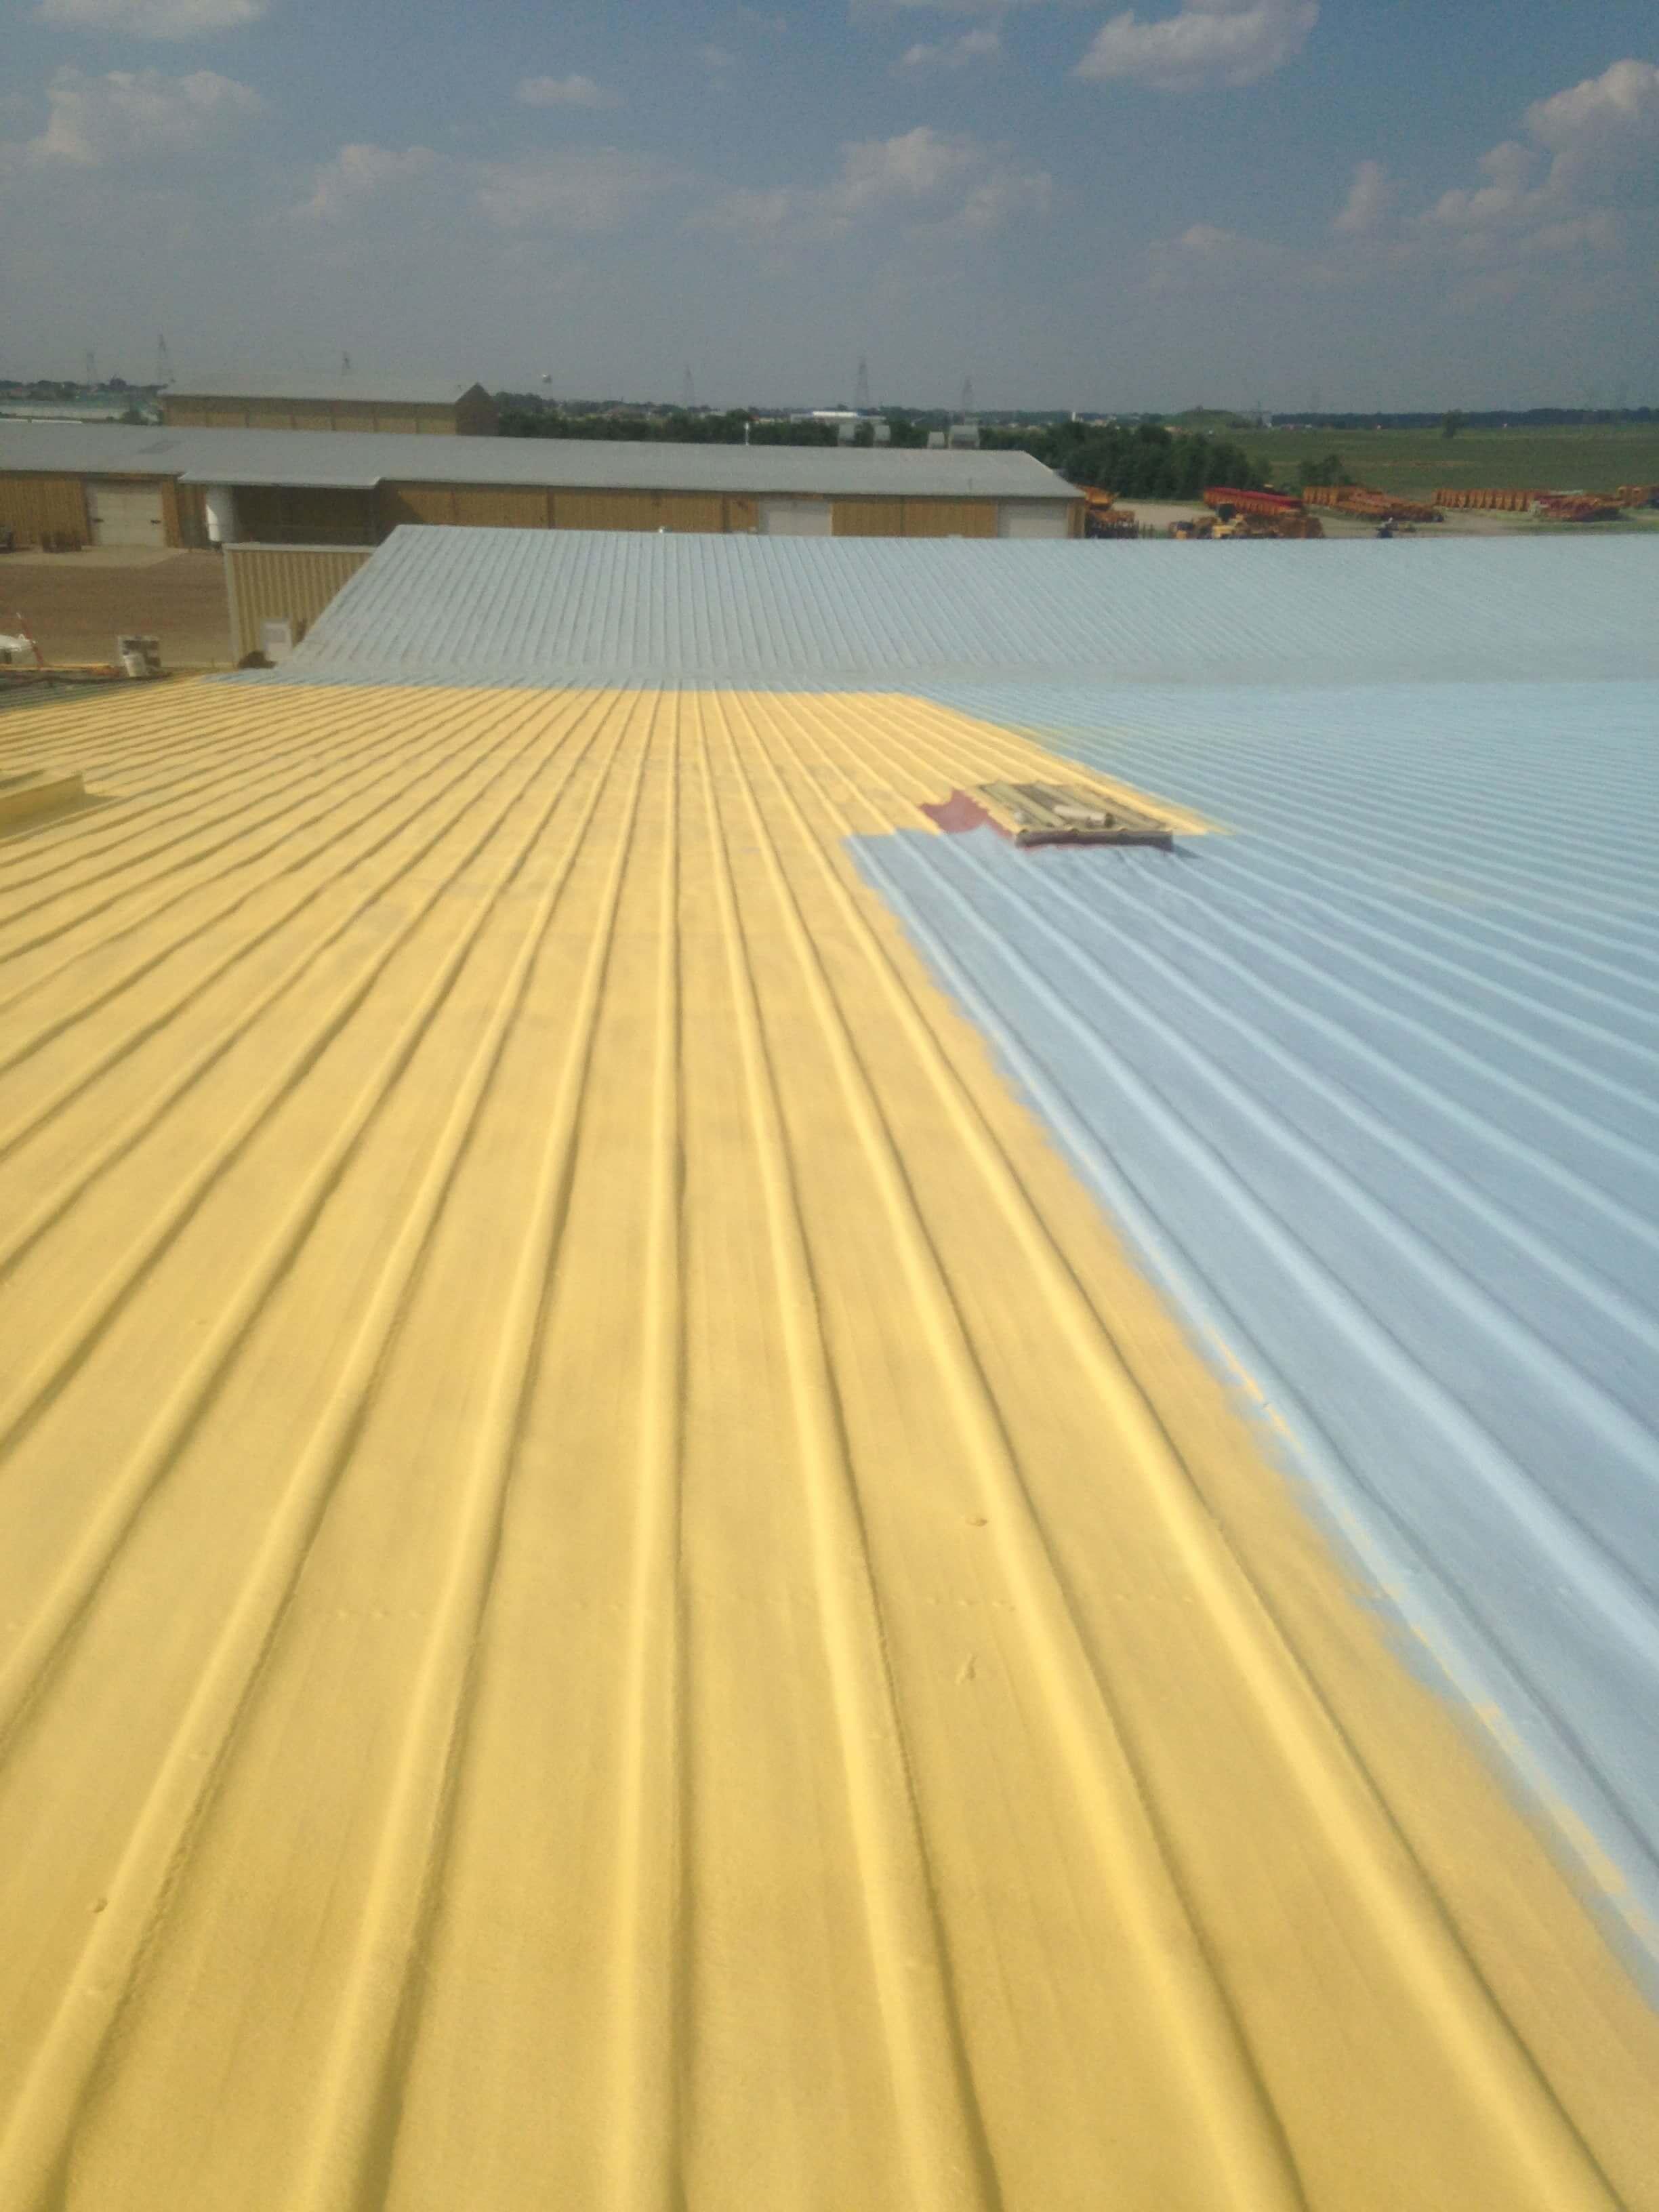 Spray Polyurethane Foam Roofing System Spray Foam Roofing